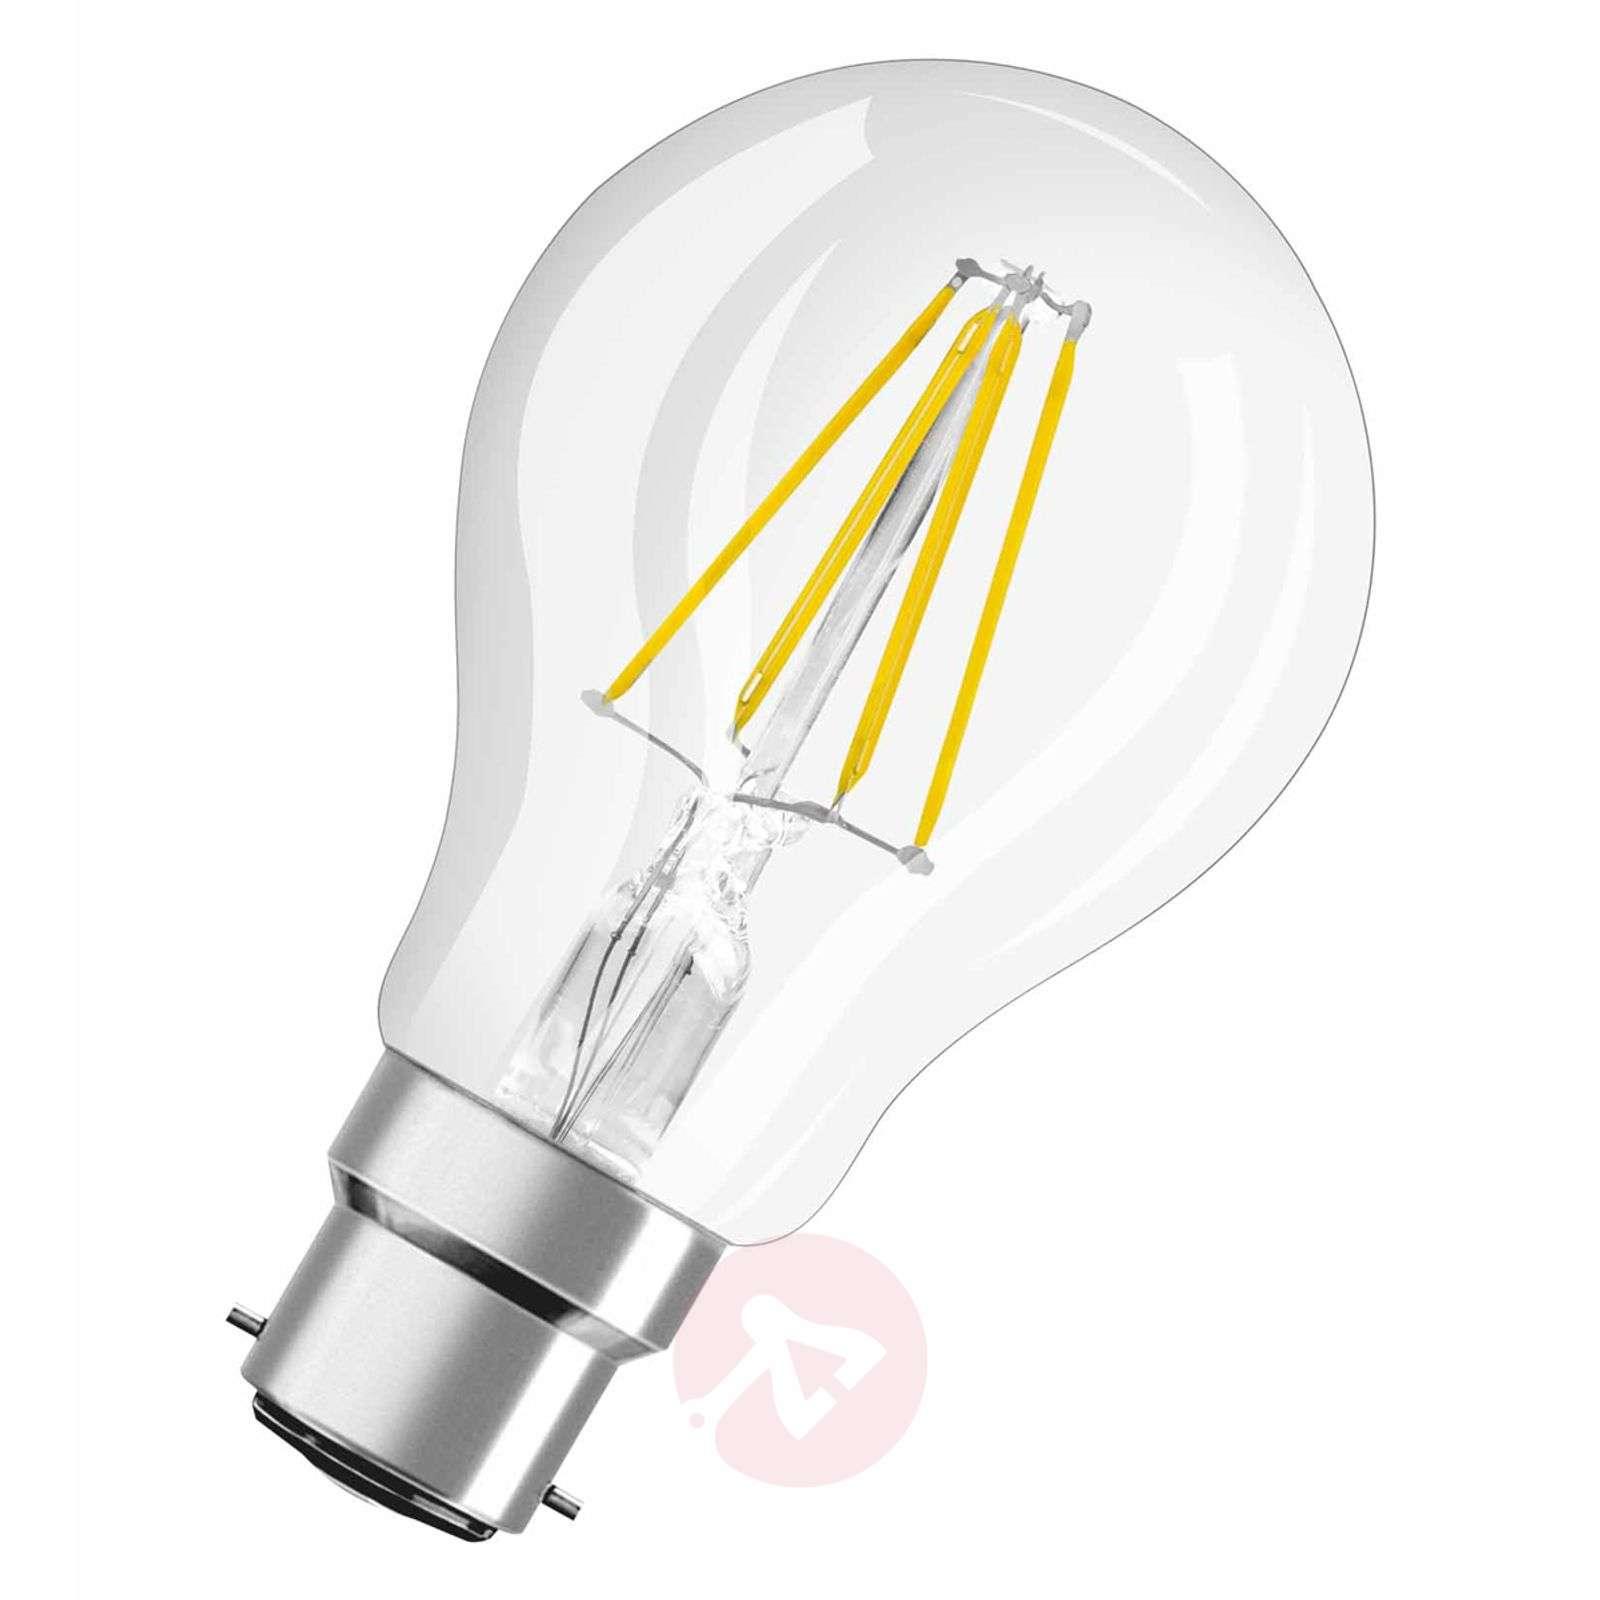 B22 4 W 827 filament LED lamp-7260920-01